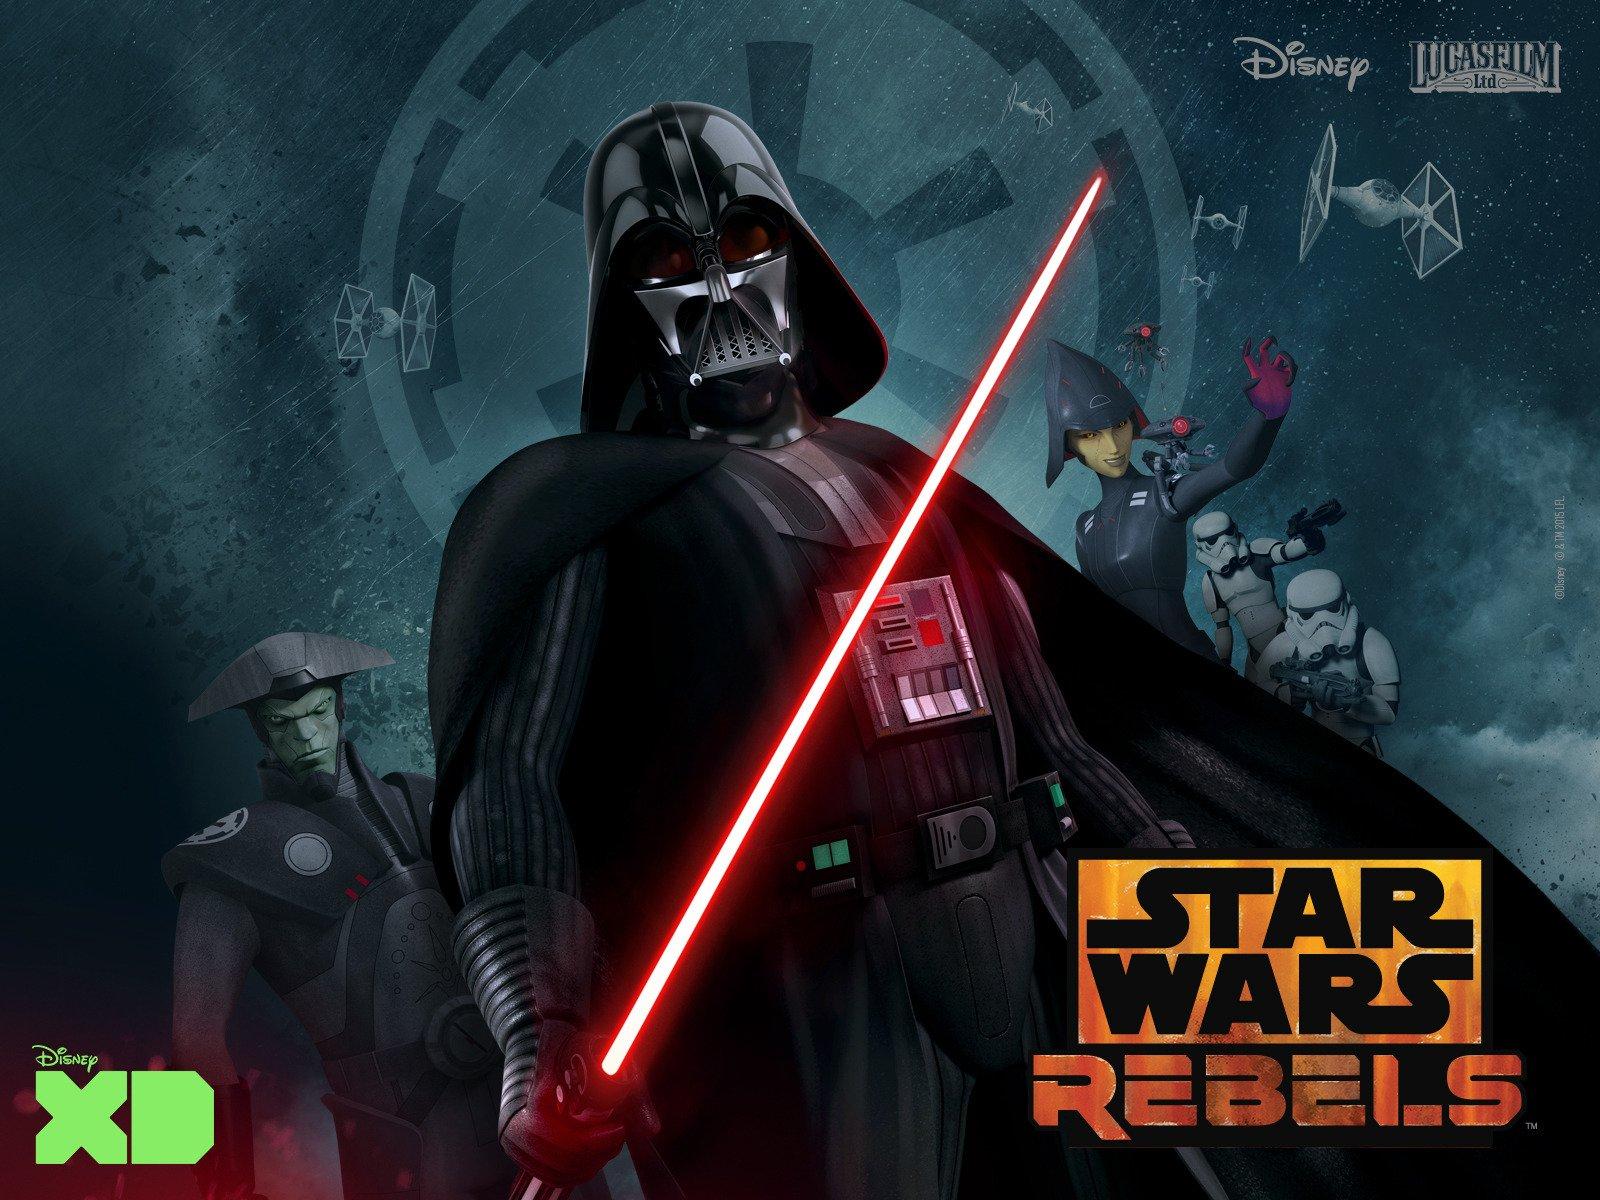 Watch Star Wars Rebels Season 3 Prime Video